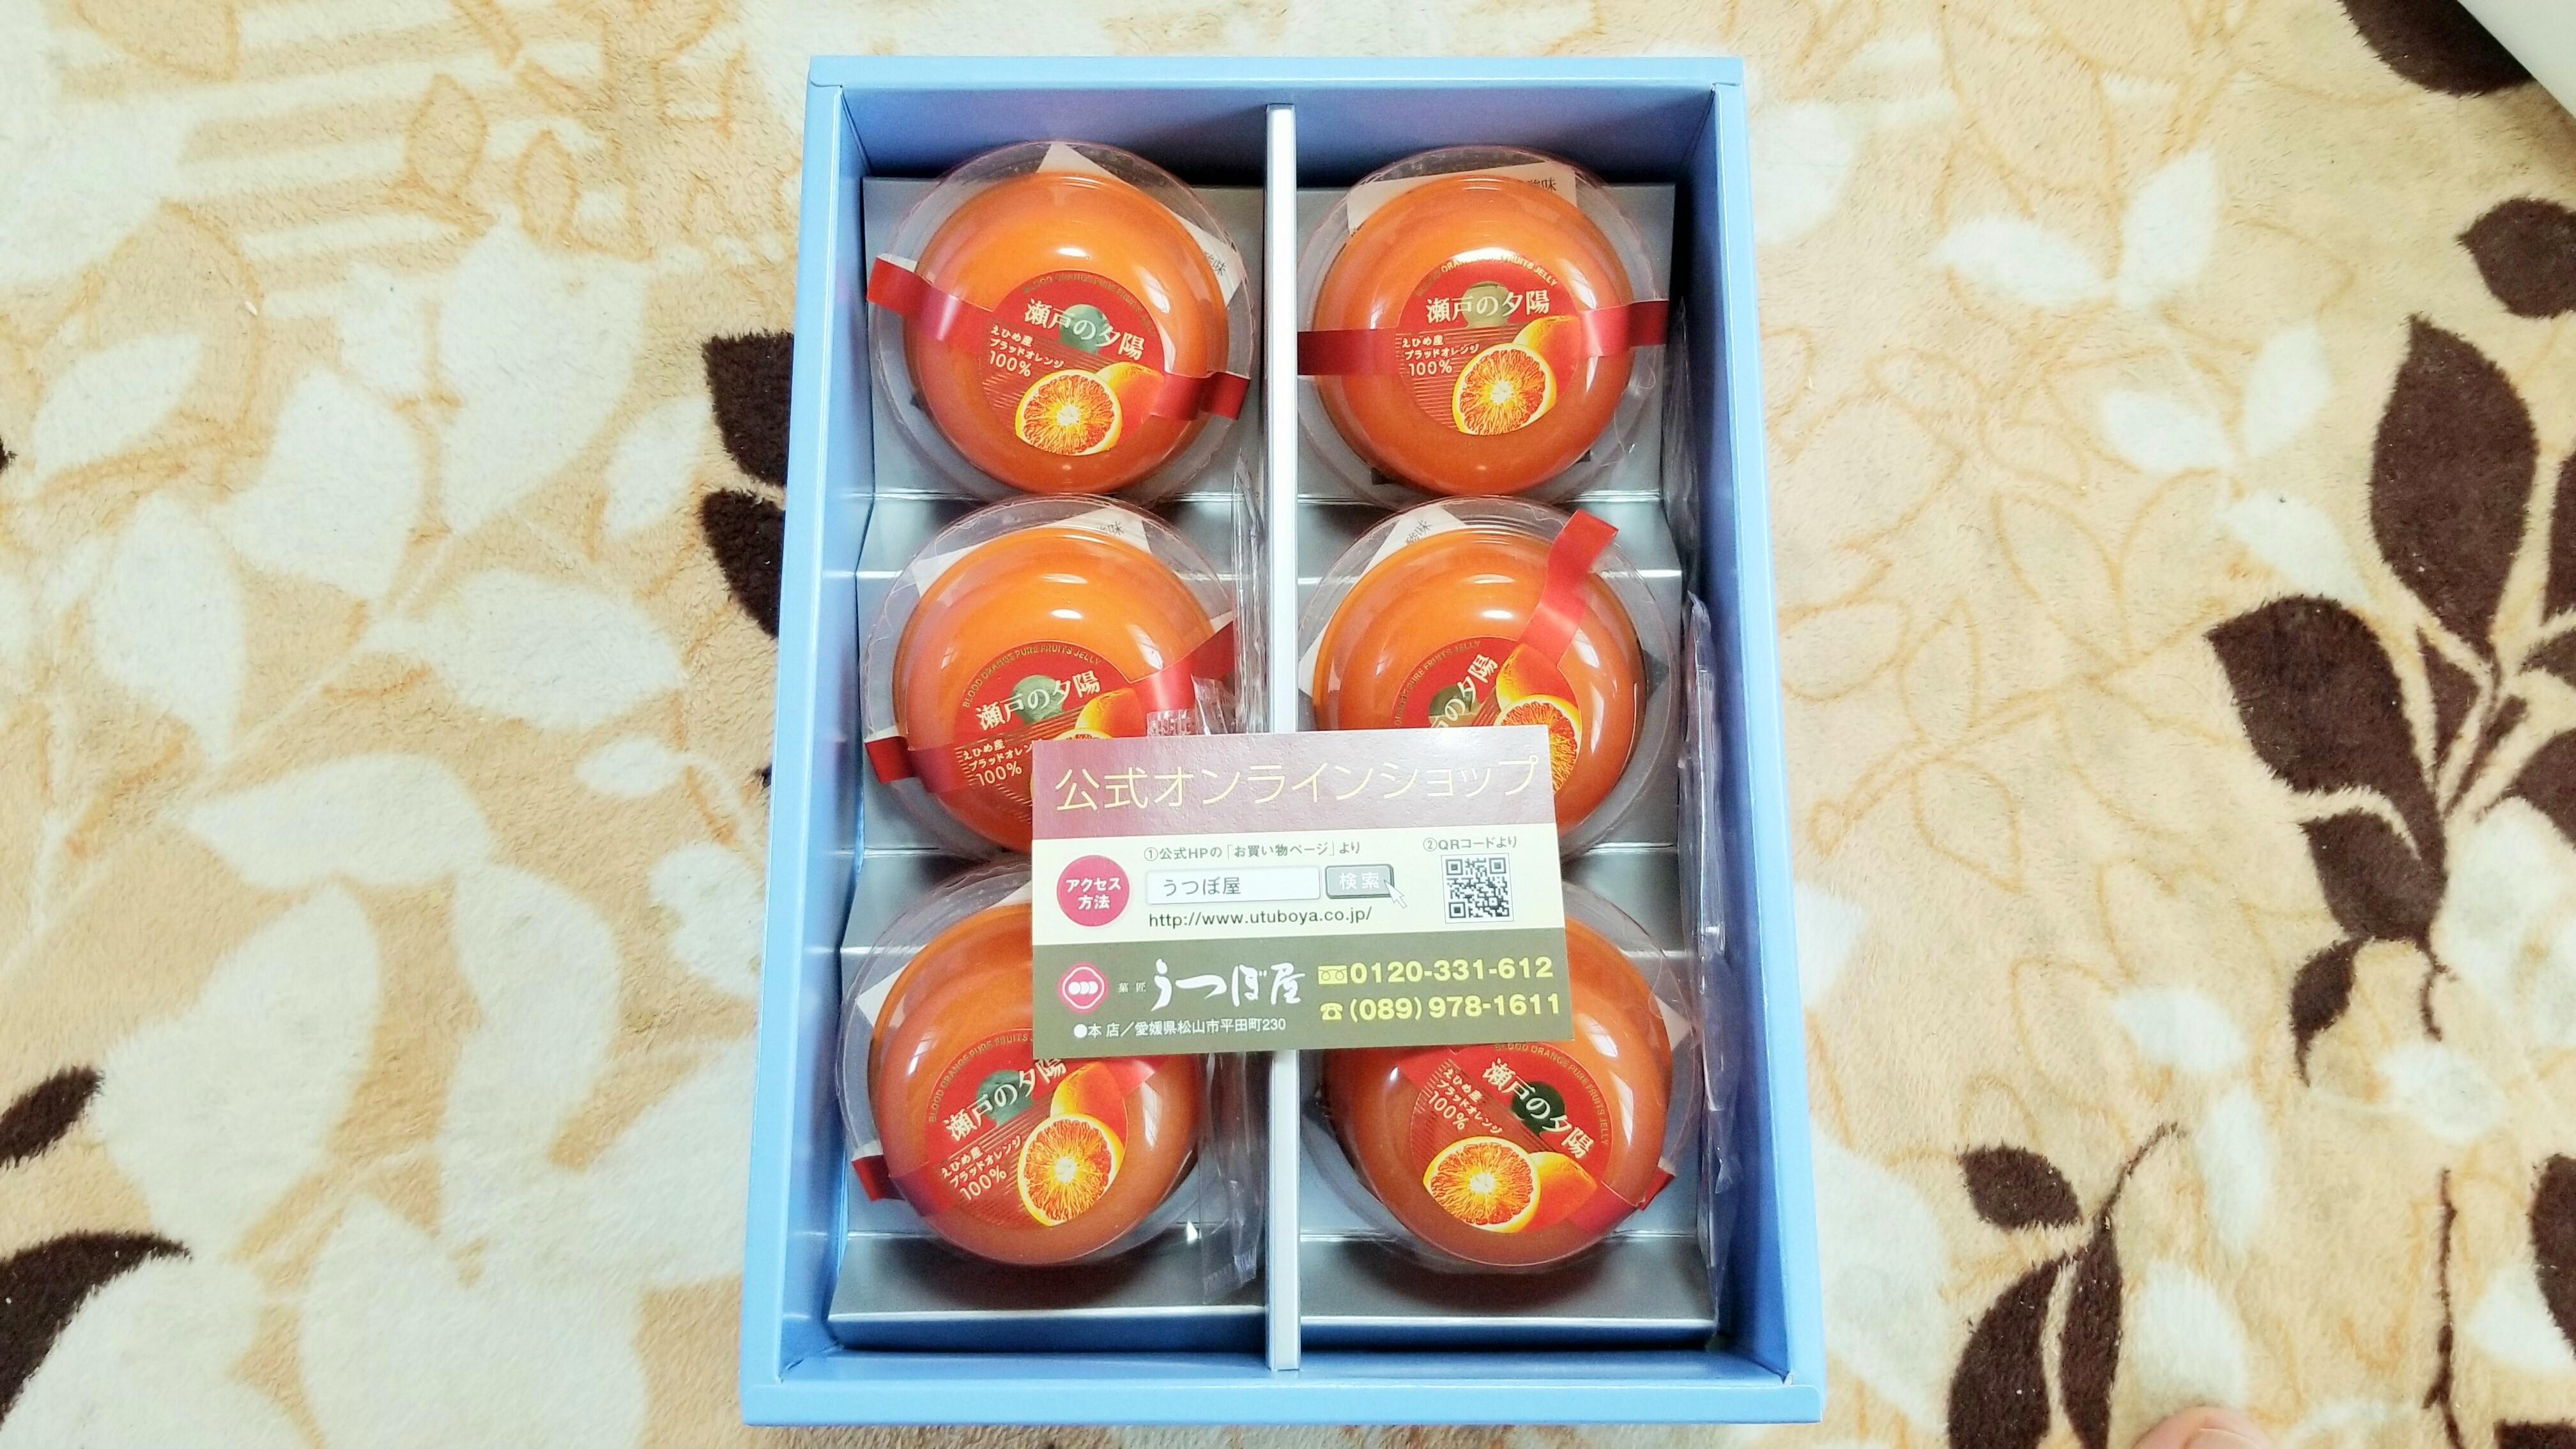 美味しいみかんゼリー愛媛瀬戸の夕陽爽やかさっぱり柑橘類系人気